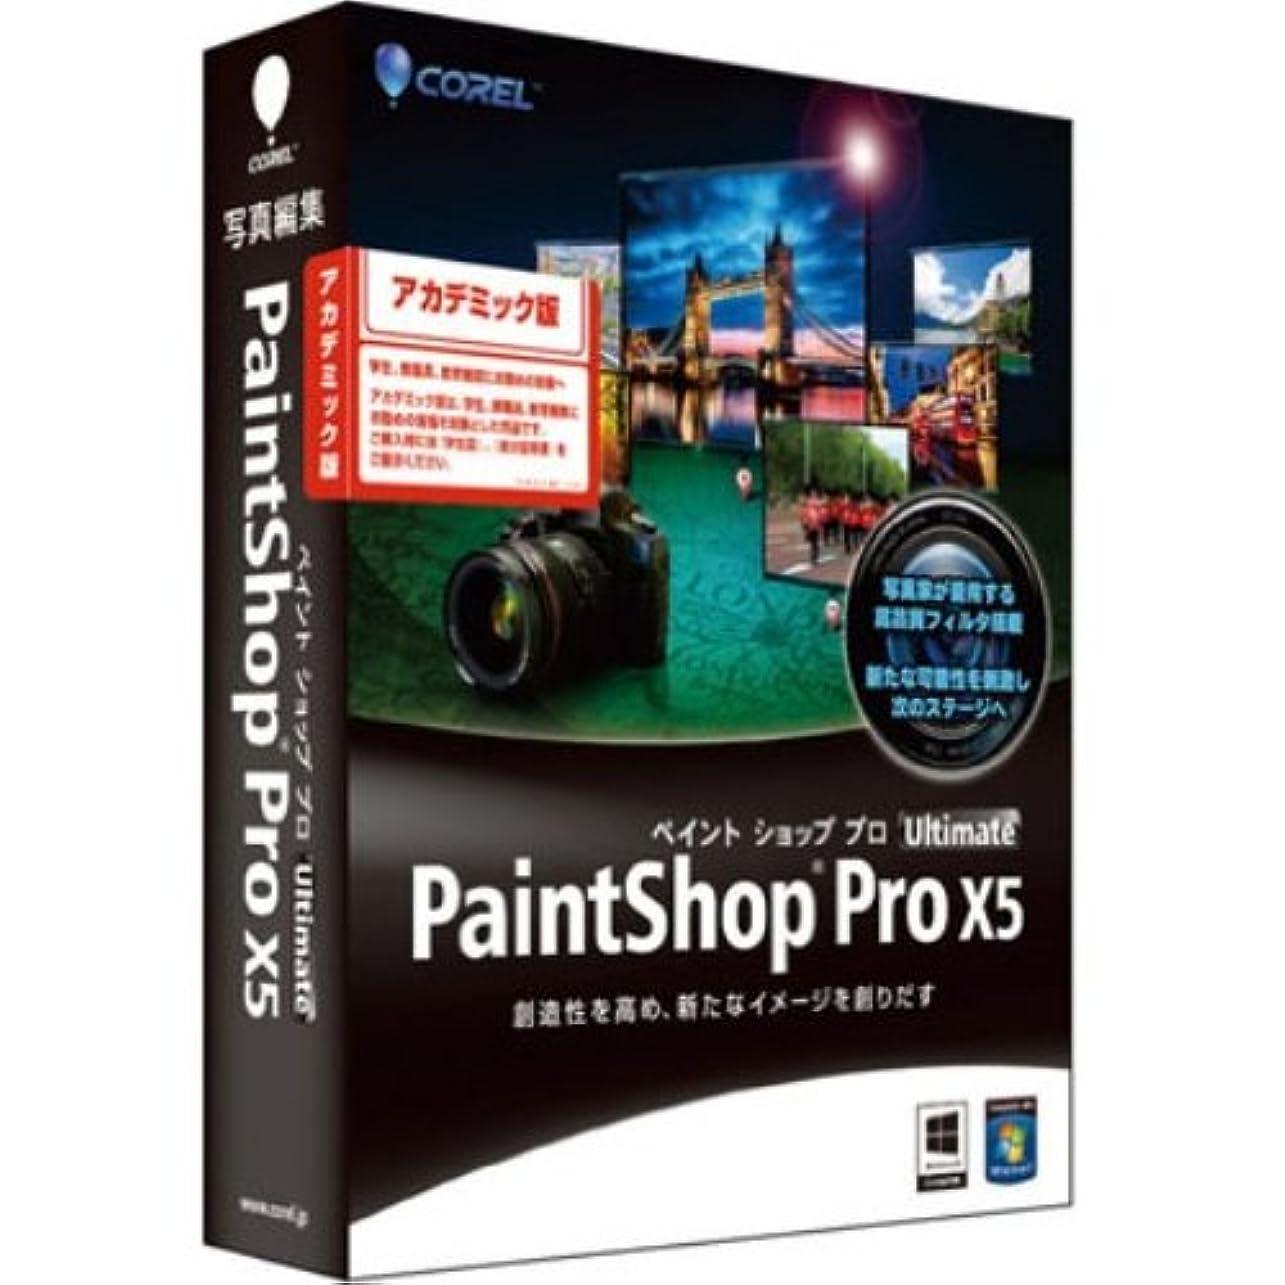 恥ずかしいラリー幽霊Corel PaintShop Pro X5 Ultimate アカデミック版